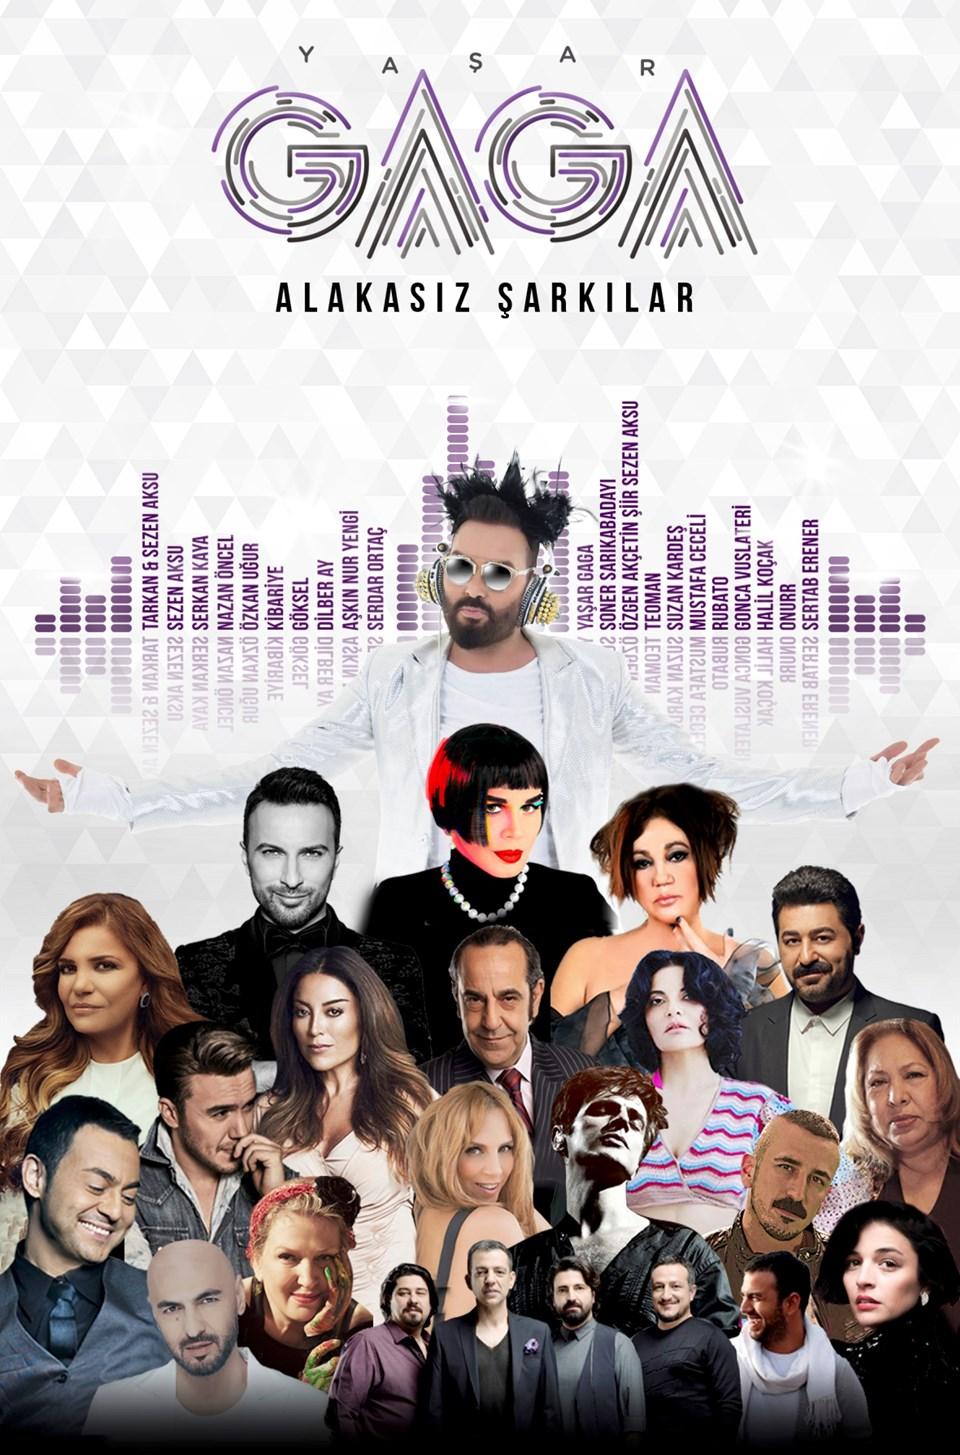 Yaşar Gaga'nın 'Alakasız Şarkılar' albümünde Sezen Aksu, Tarkan, Nazan Öncel, Özkan Uğur, Sertab Erener, Serdar Ortaç, Serkan Kaya, Göksel, Mustafa Ceceli, Teoman, Soner Sarıkabadayı, Dilber Ay, Kibariye, Aşkın Nur Yengi, Suzan Kardeş, Gonca Vuslateri, Rubato, Onurr ve Halil Koçak gibi Türkiye'nin önemli yorumcuları bir araya geldi. Repertuar ve stüdyo çalışmaları 3,5 senede tamamlanan proje iki ayrı albüm ve toplamda 4 CD'den oluşuyor. Projenin ilki 8 Haziran'da Poll Production etiketiyle müzikseverlerle buluşuyor.